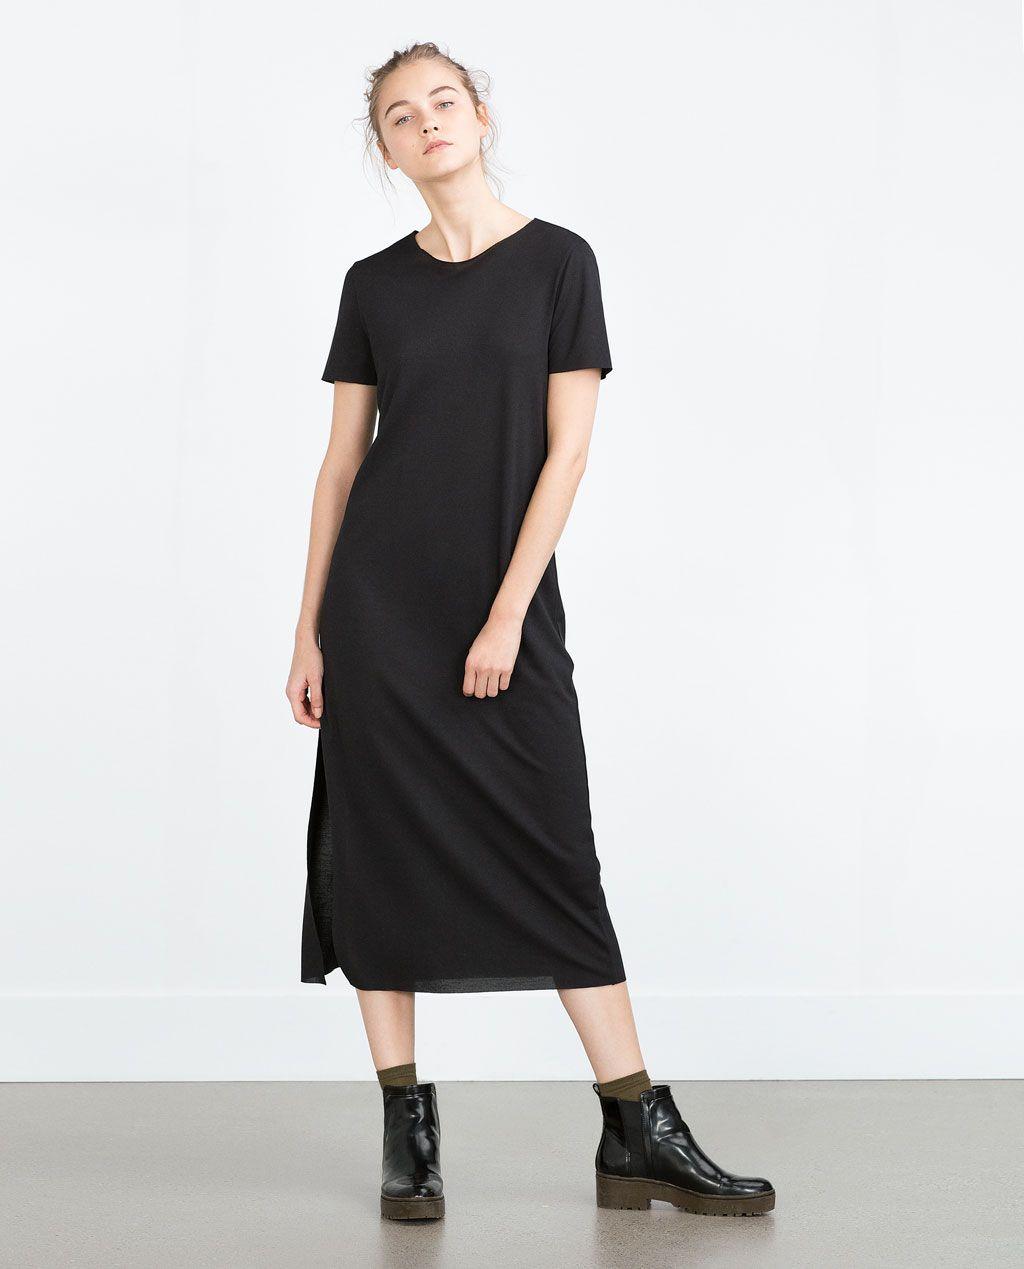 9ee546e7 T Shirt Maxi Dress Zara - raveitsafe